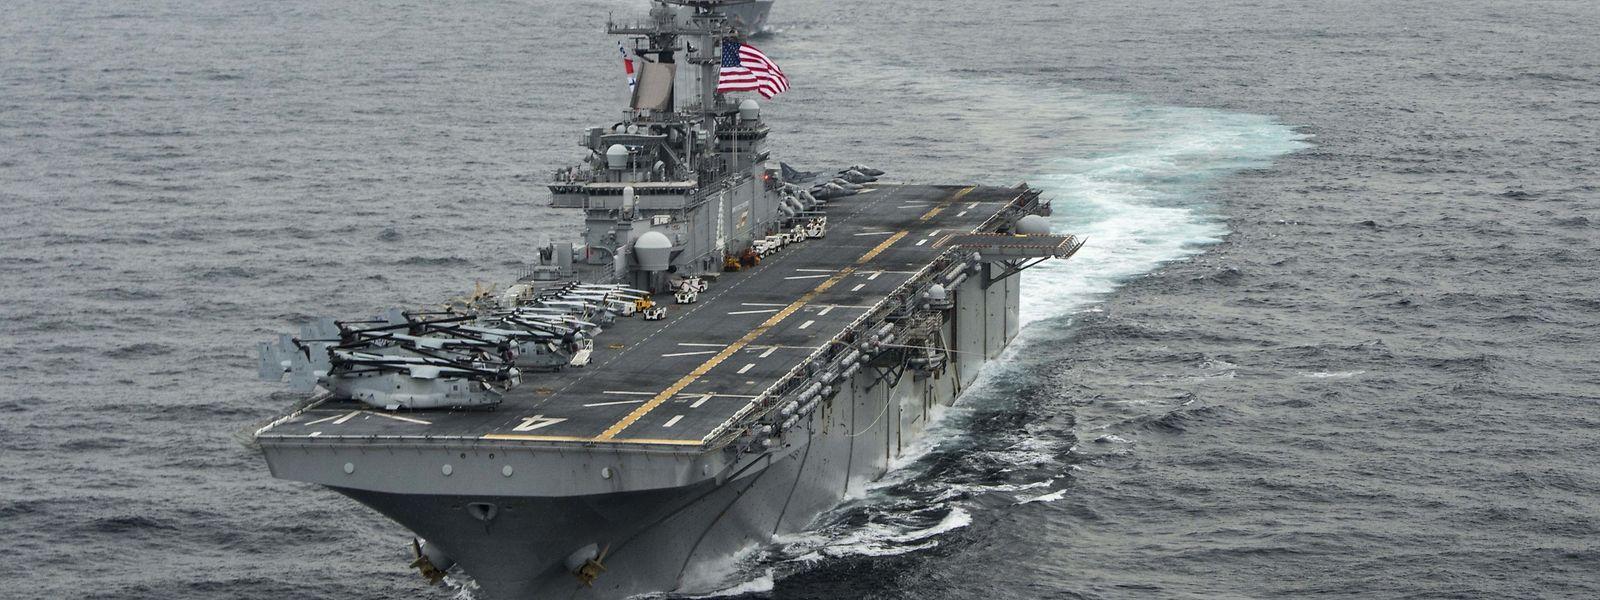 L'Iran dément avoir surveillé ou attaqué le navire USS Boxer à l'aide d'un drone.